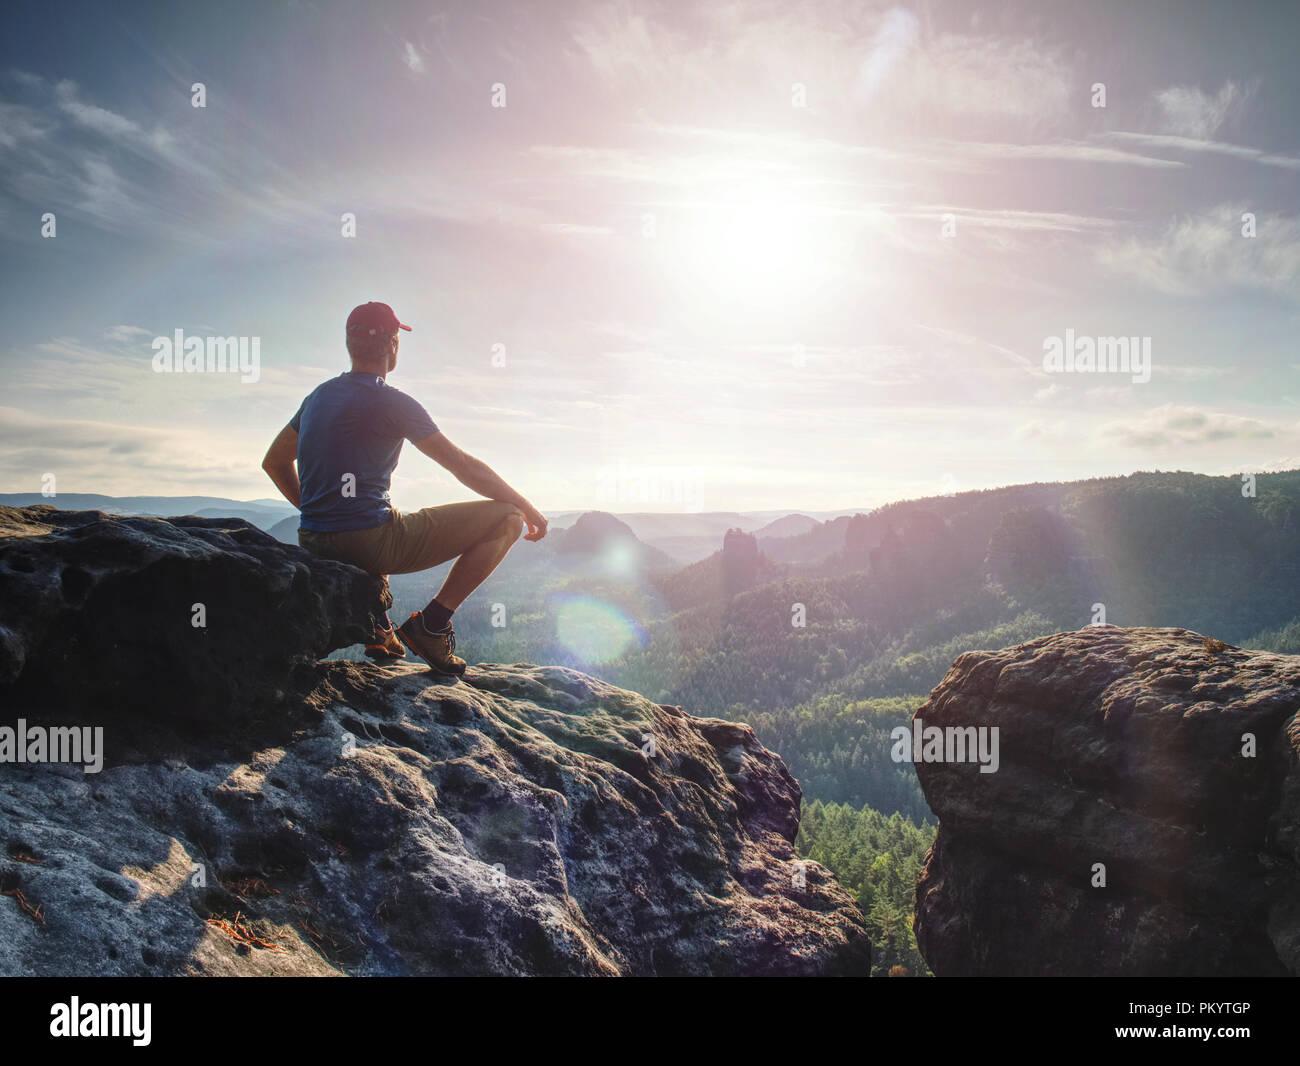 Escursionista guardando al sole all'orizzonte. Bel momento il miracolo della natura. Nebbia colorata in valle. L'uomo escursione. Immagini Stock